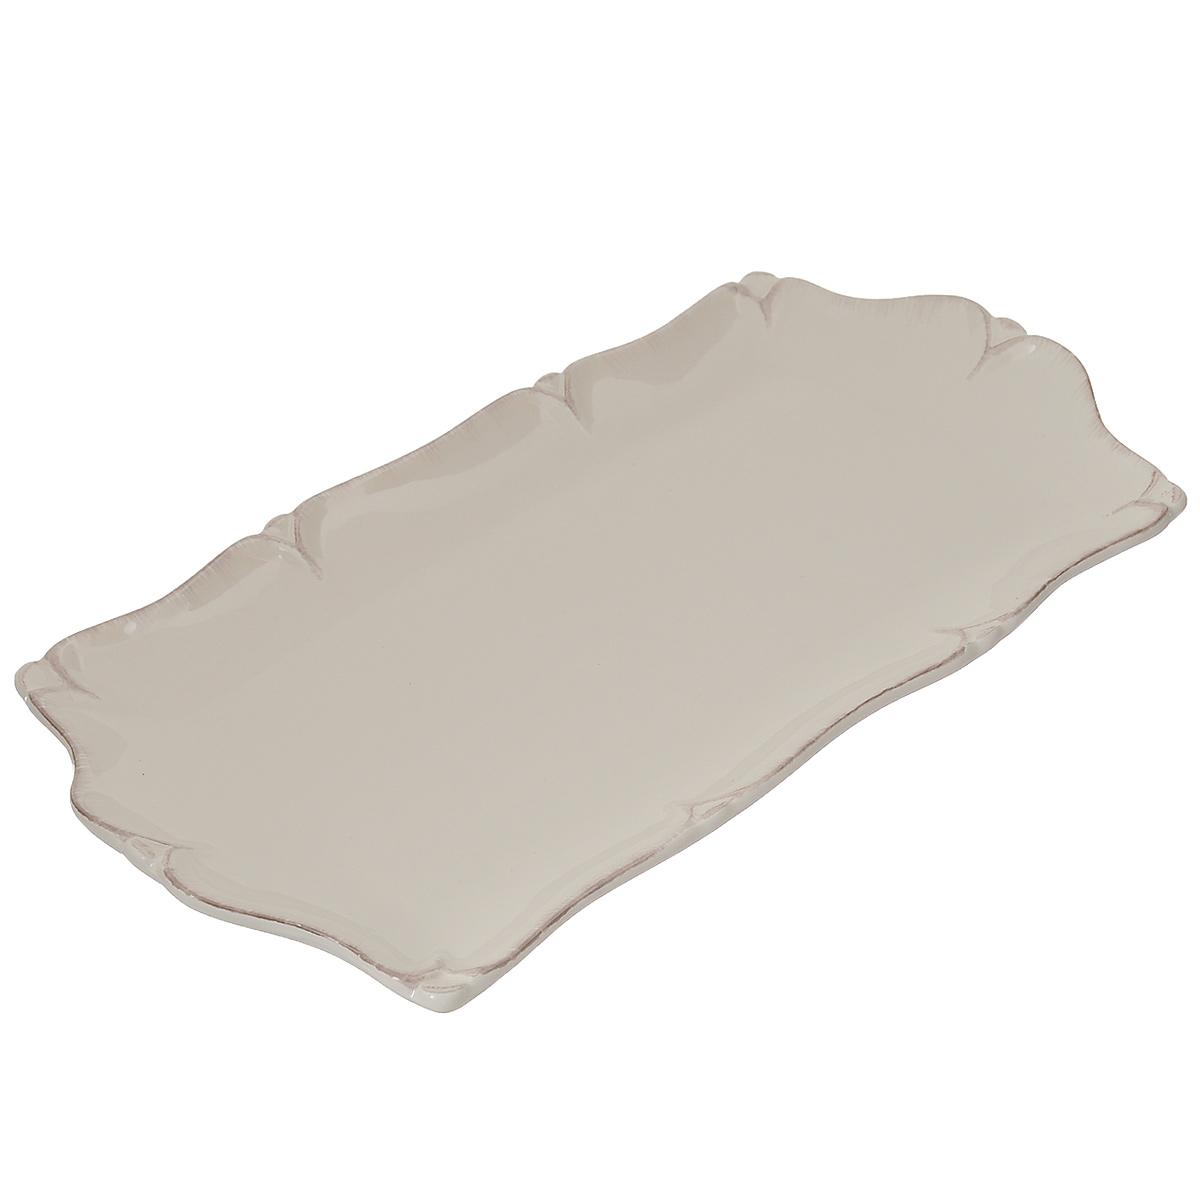 Набор блюд для нарезки Lillo Ideal, цвет: белый, 27,5 х 14 х 2,5 см, 2 предмета214209Блюдо для нарезки Lillo Ideal, изготовленное из высококачественной керамики, оформлено рельефным краем.Такое блюдо сочетает в себе изысканный дизайн с максимальной функциональностью. Оригинальность оформления придется по вкусу тем, кто предпочитает утонченность и изящность. Красивое блюдо украсит сервировку вашего стола и подчеркнет прекрасный вкус хозяйки, а также станет отличным подарком.Размер: 27,5 см х 14 см х 2,5 см.